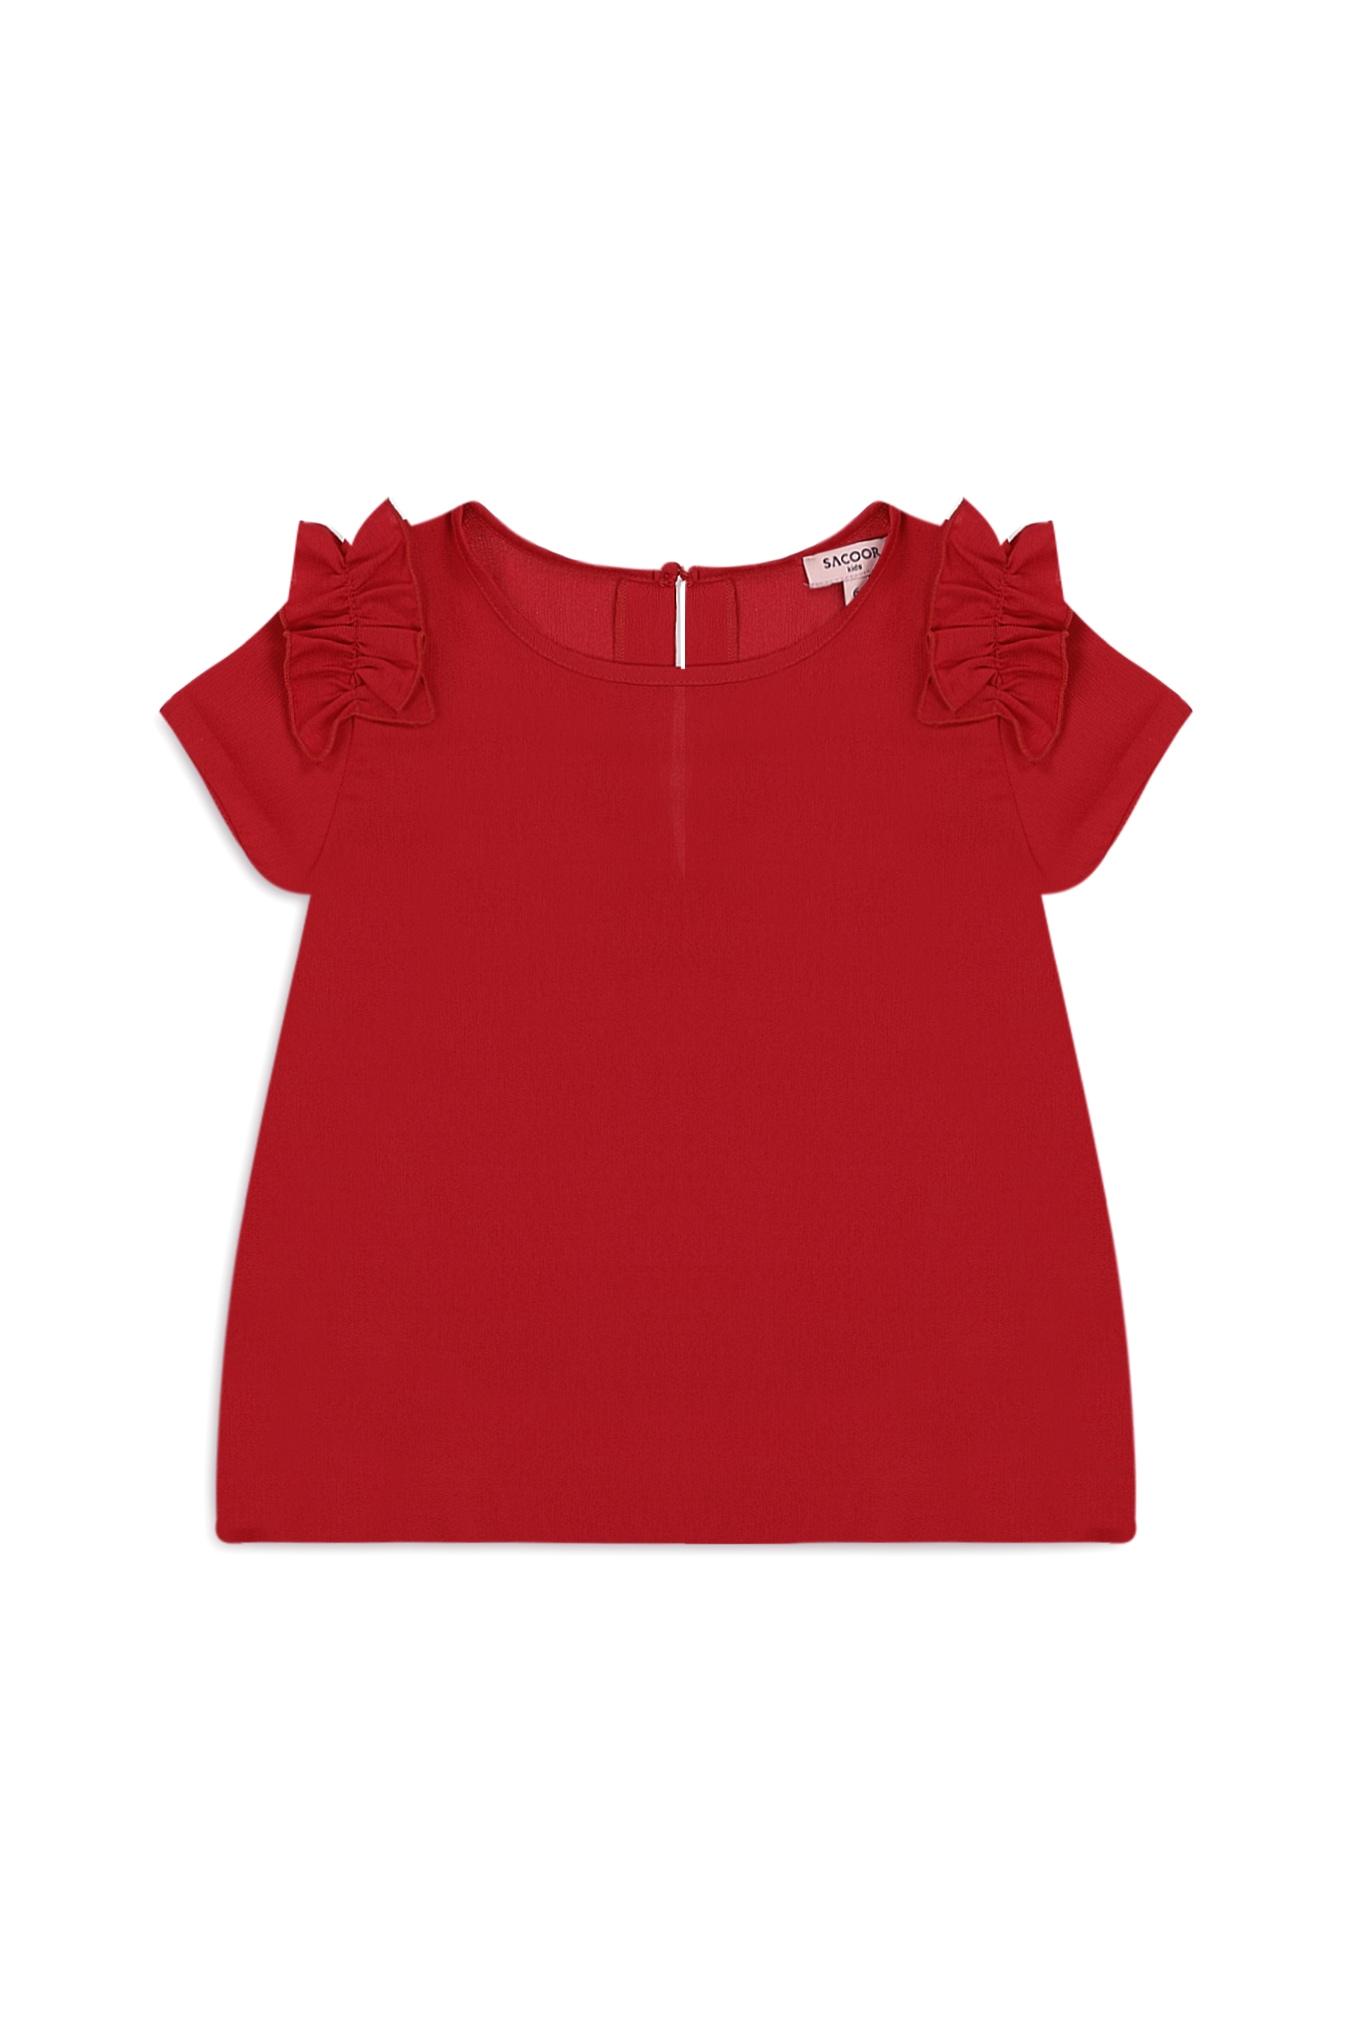 Blusa Vermelho Casual Rapariga